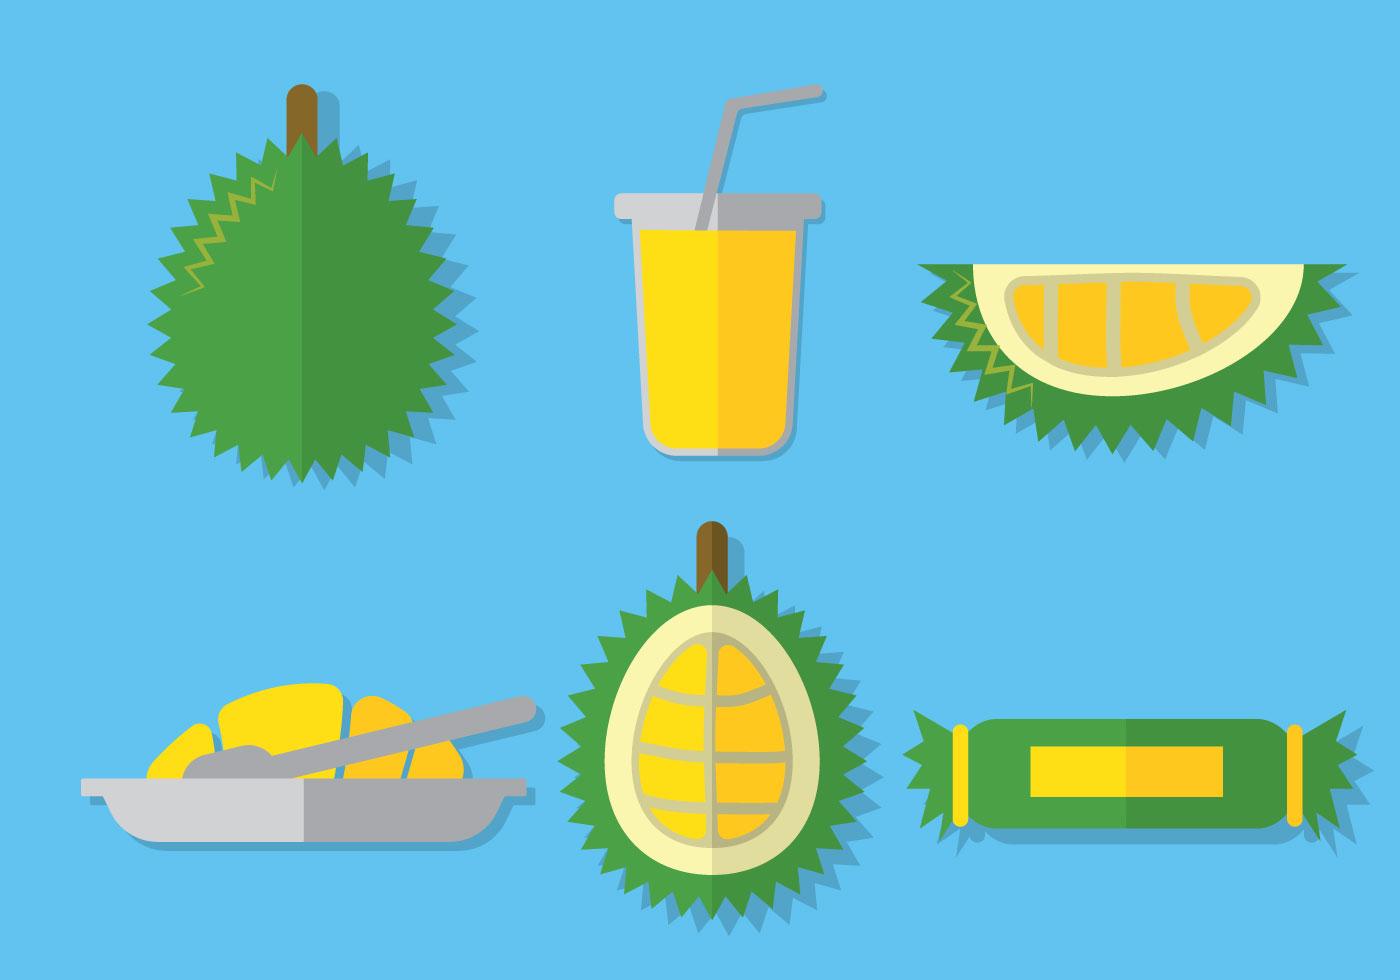 Durian Vector - Download Free Vector Art, Stock Graphics ...